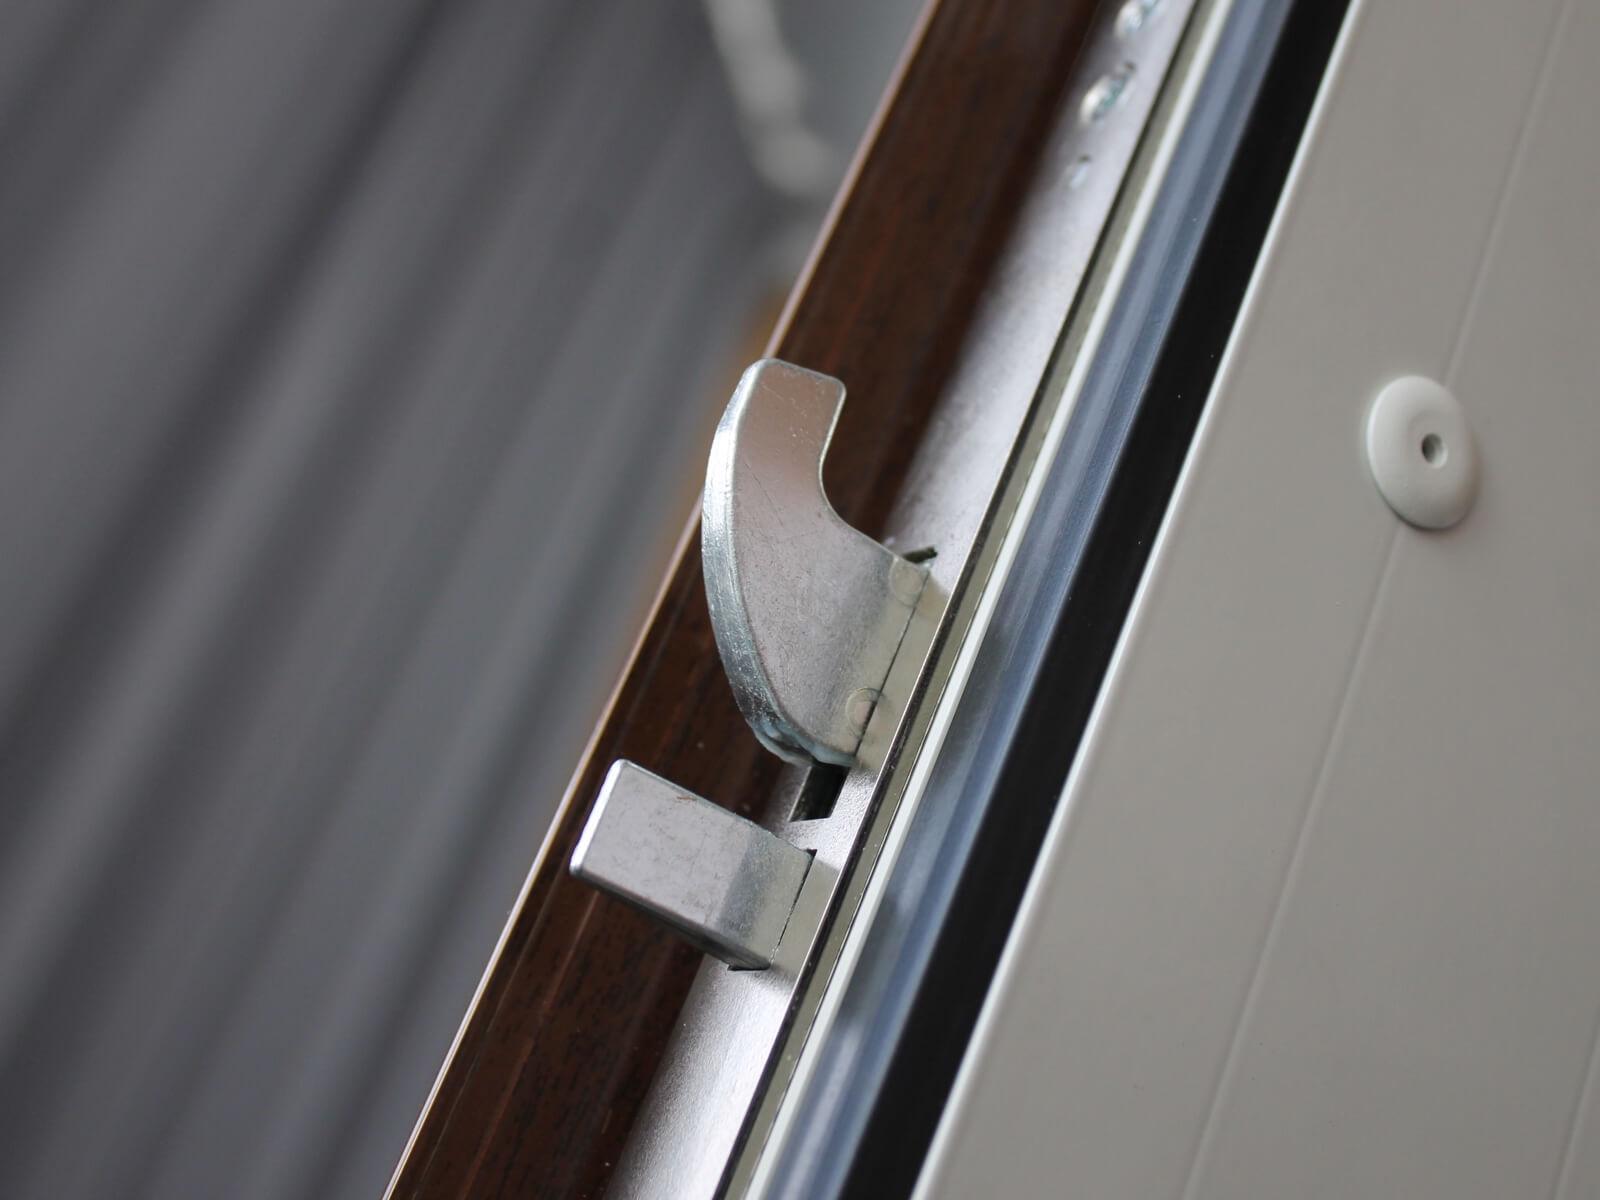 Dettaglio serratura 4 punti di chiusura